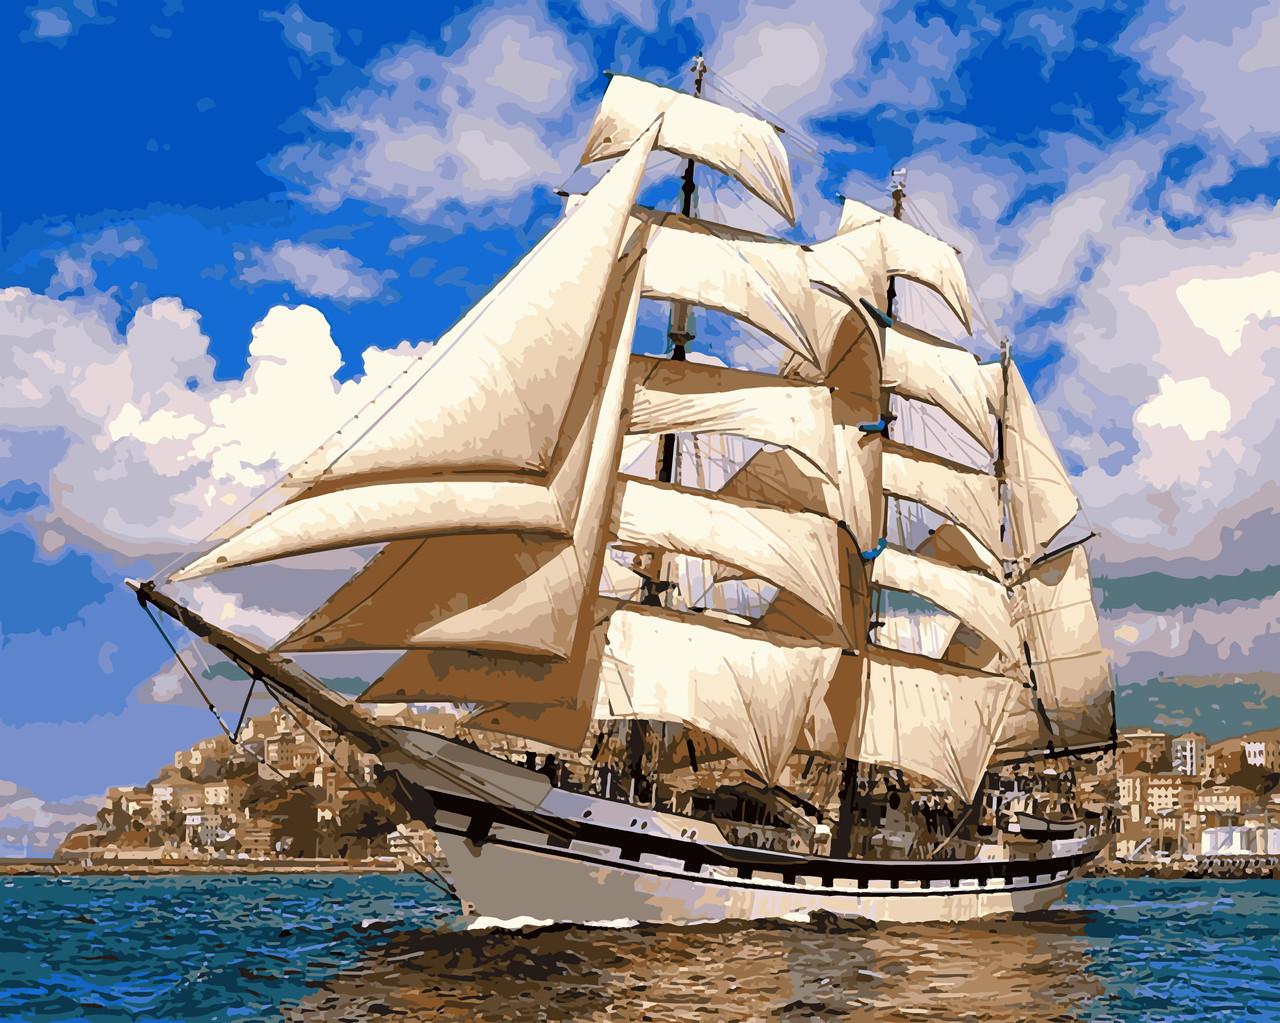 Картина по номерам Babylon Premium Попутный ветер 40*50 см (в коробке) арт.NB899R